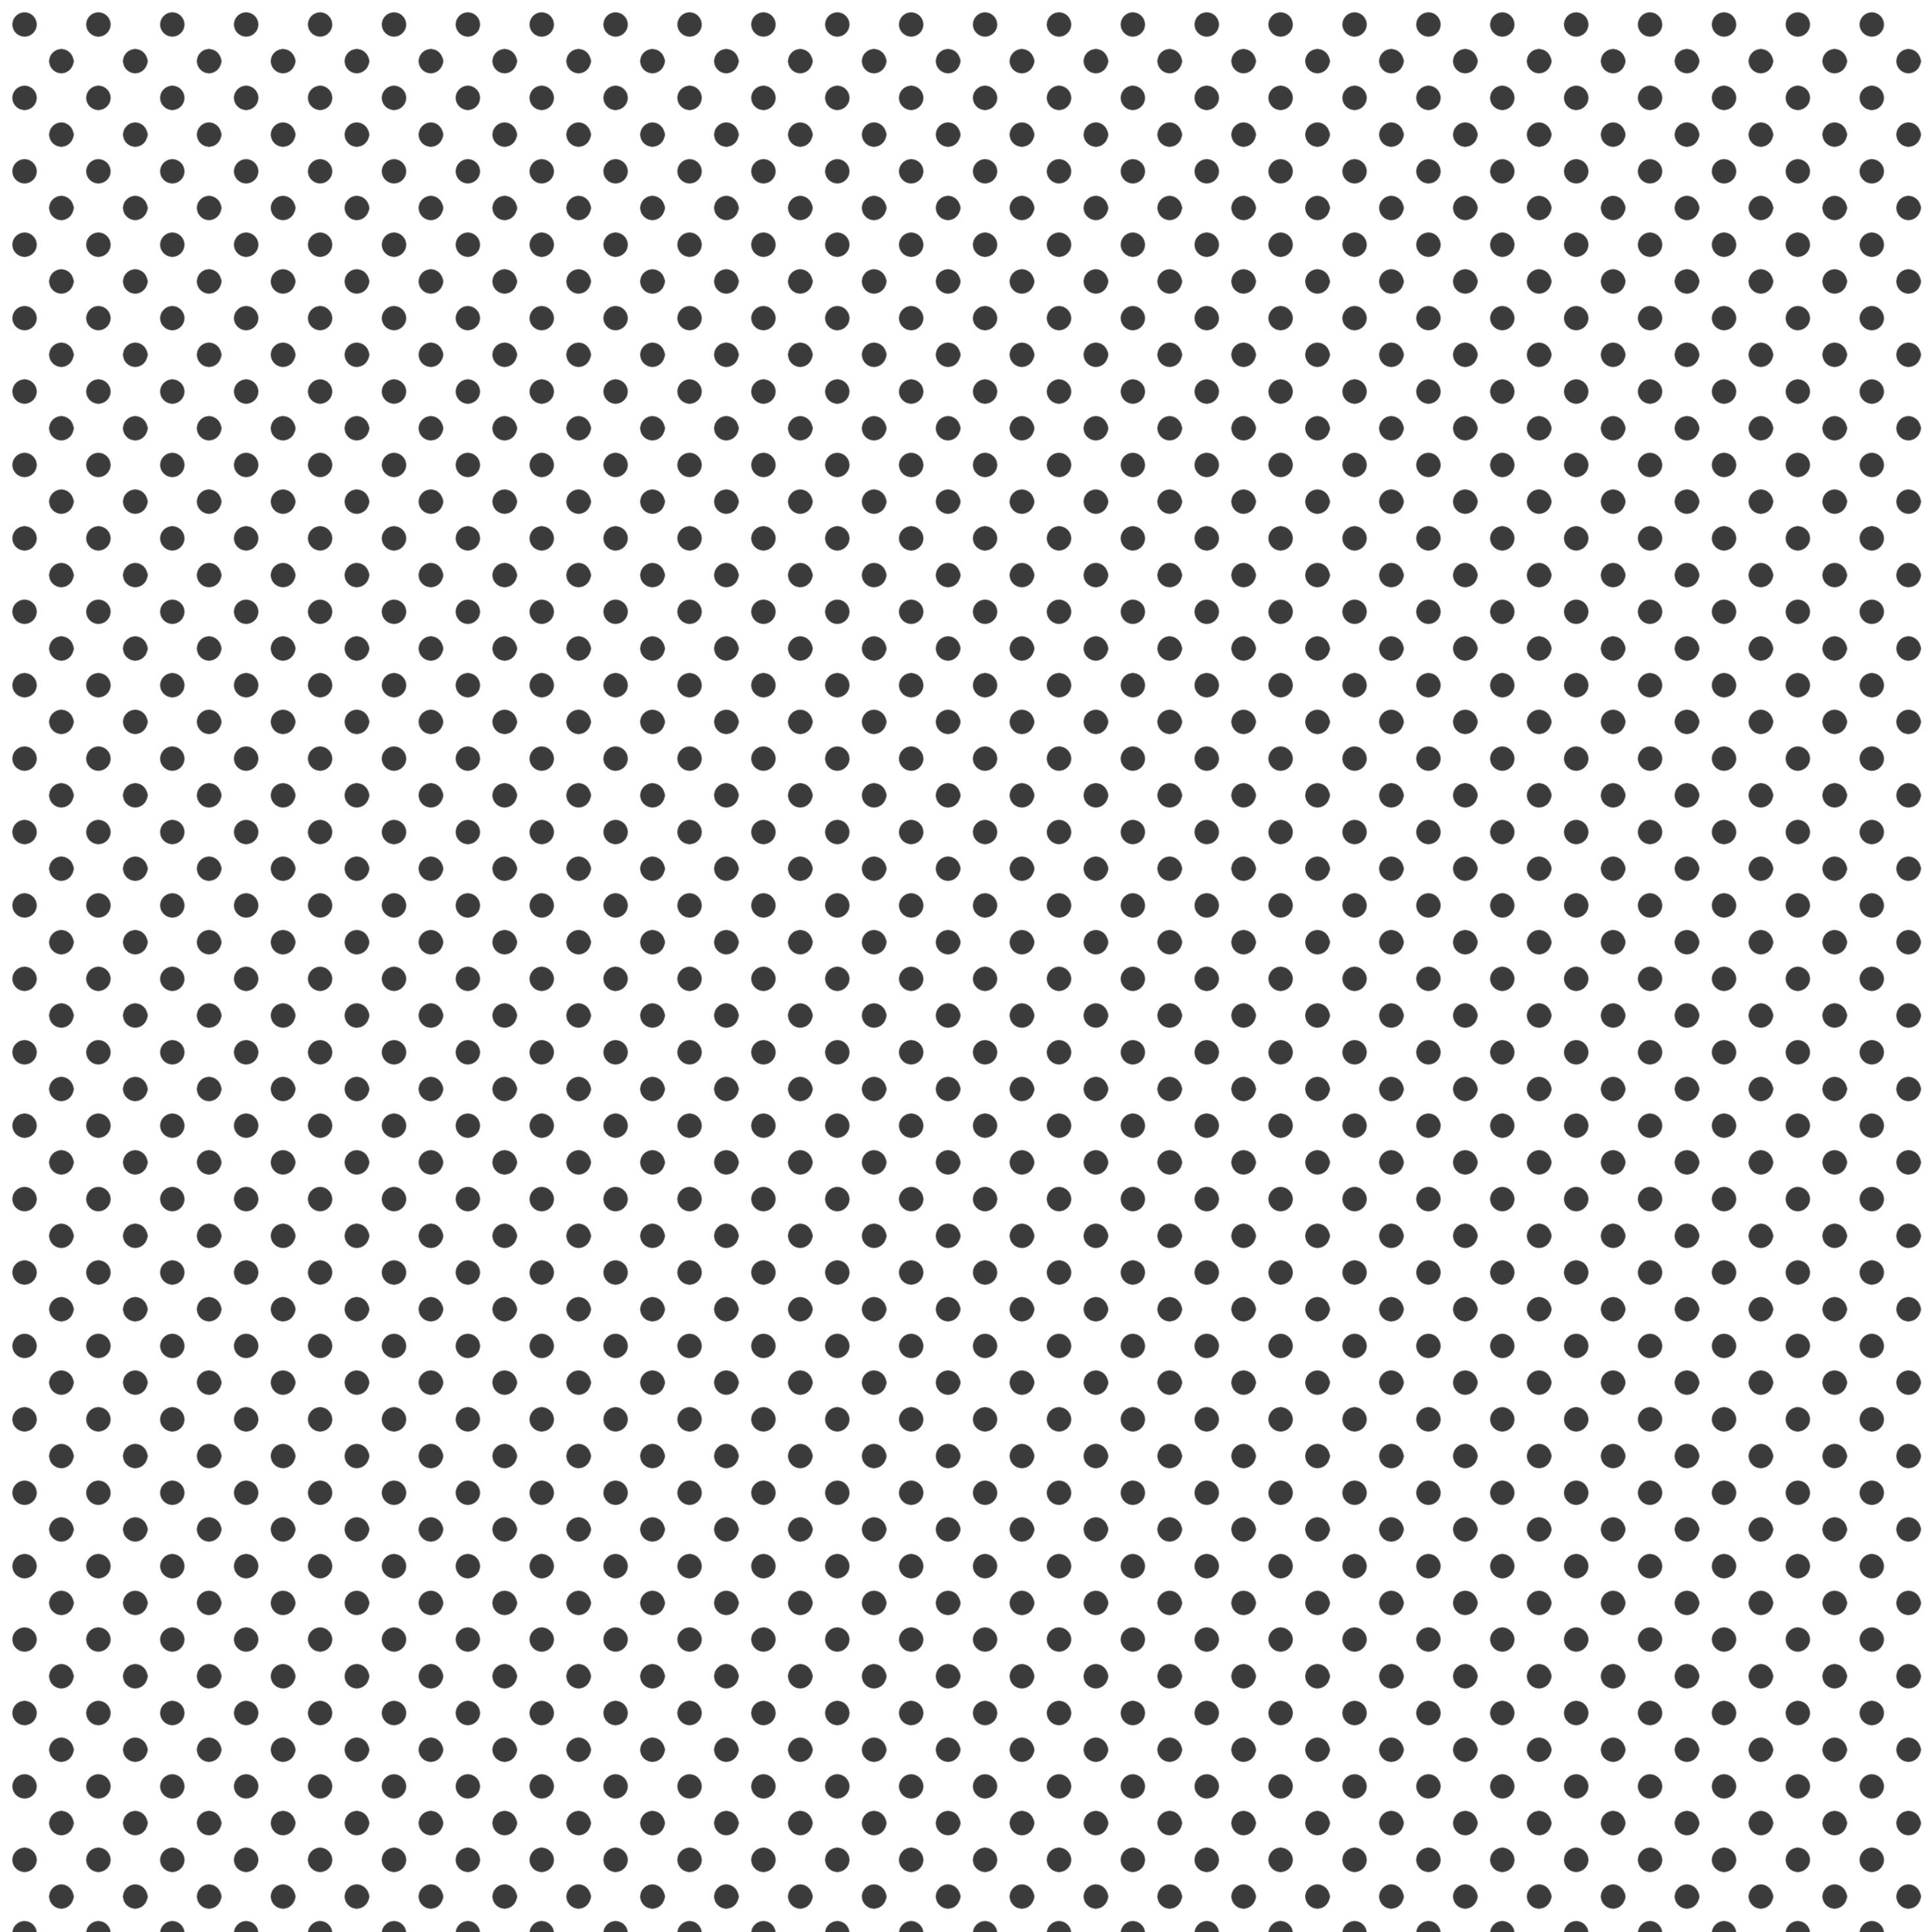 Black polka dot pattern